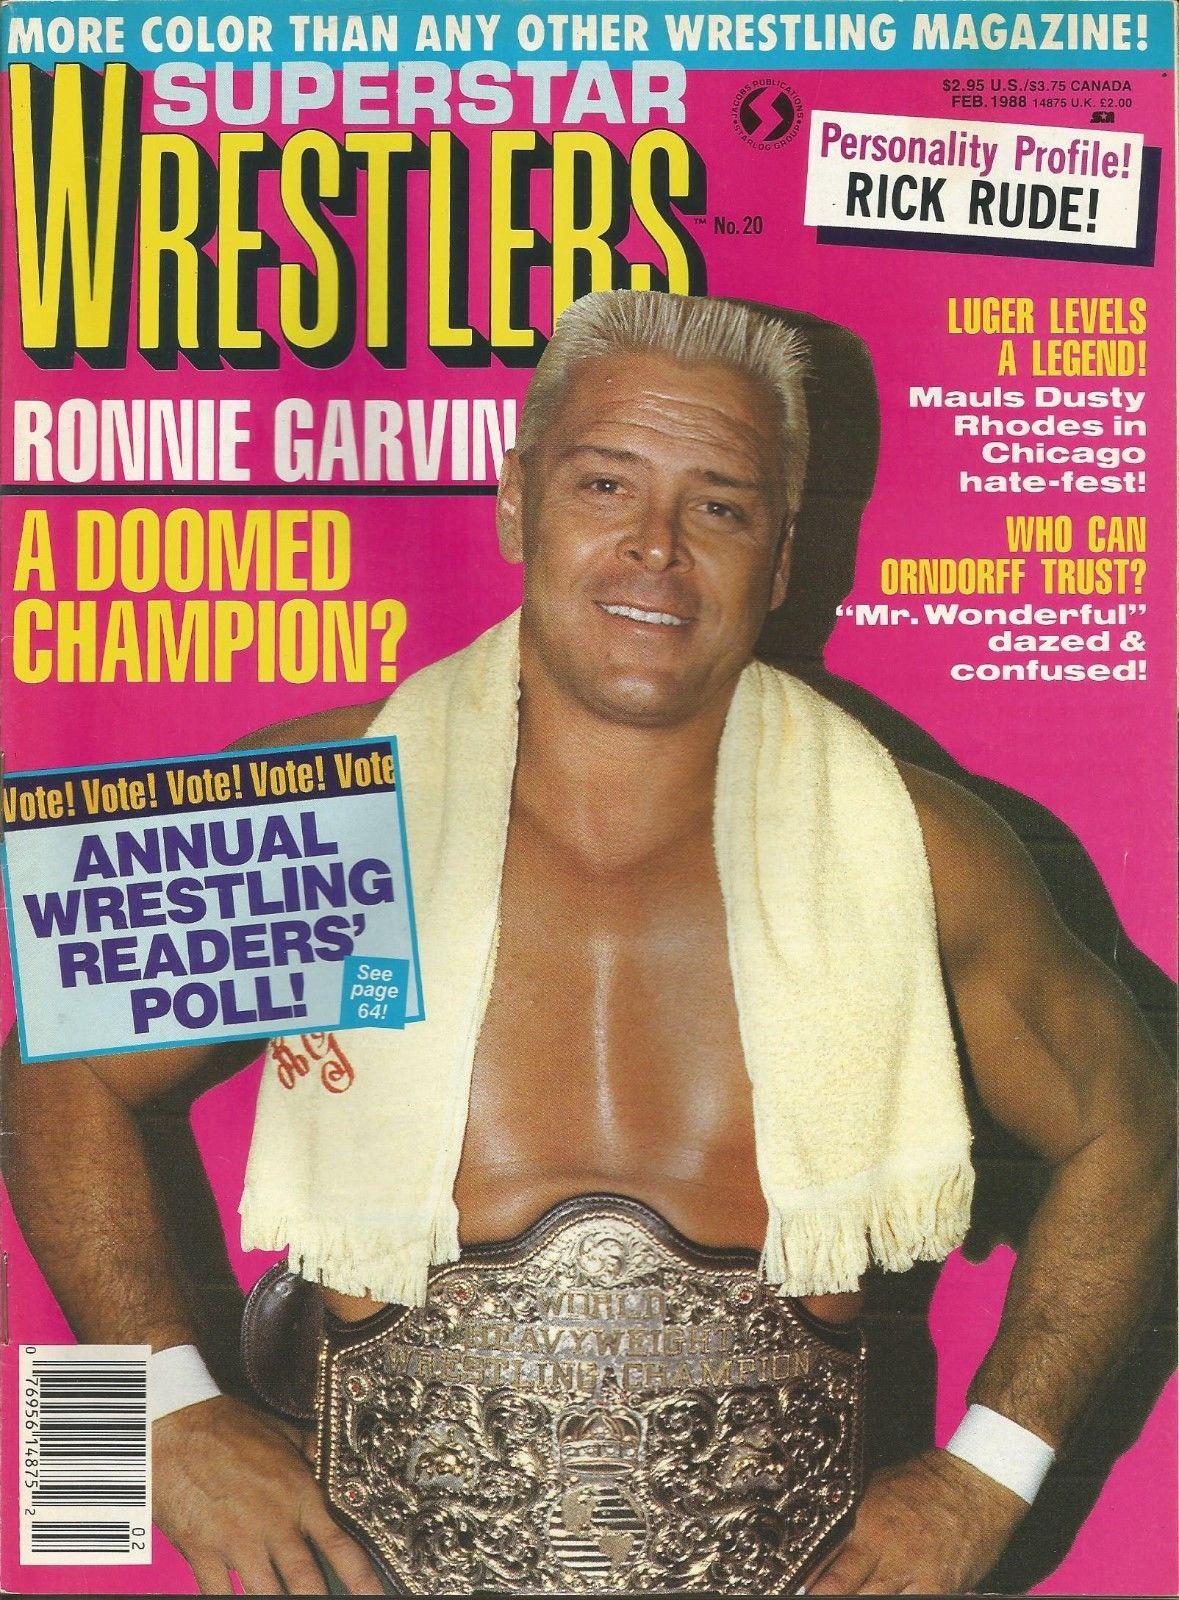 Superstar Wrestlers - February 1988